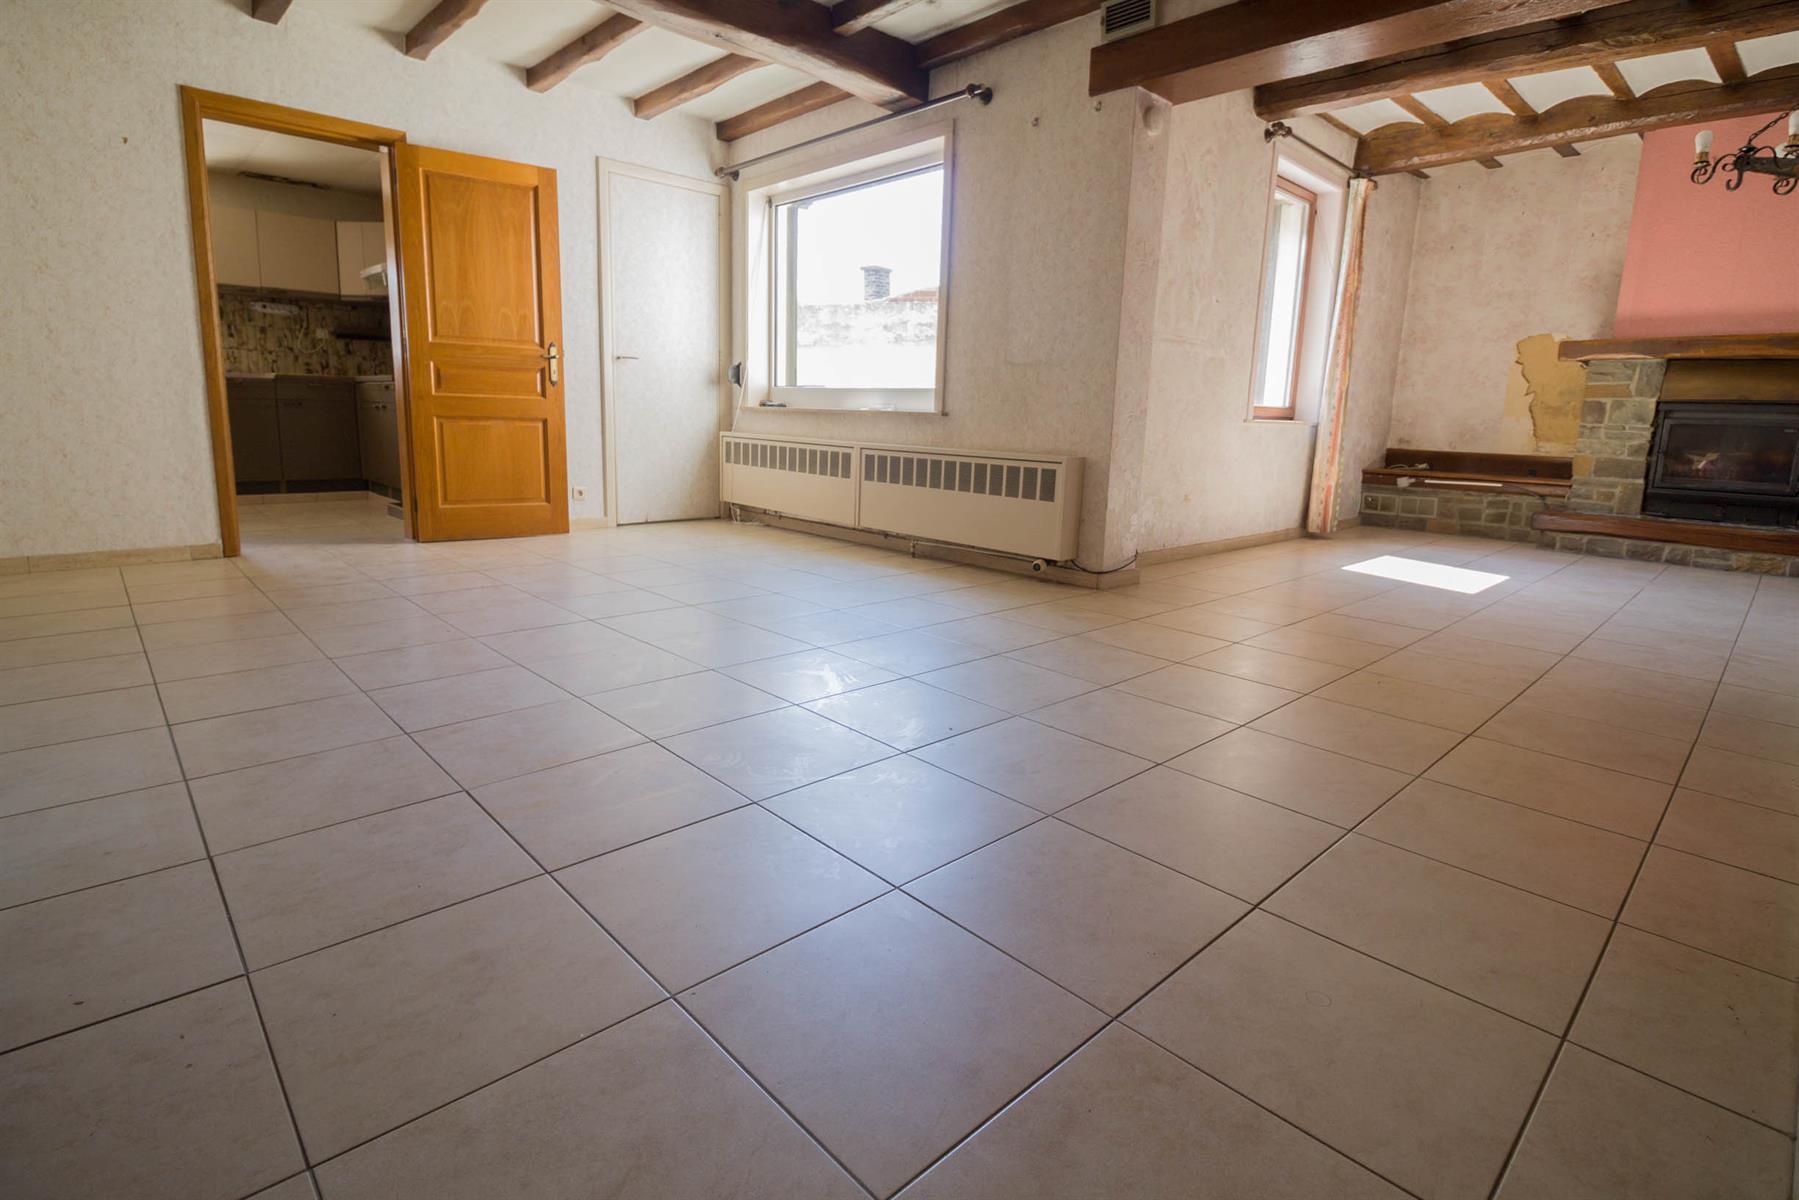 Maison - Trazegnies - #4344336-6